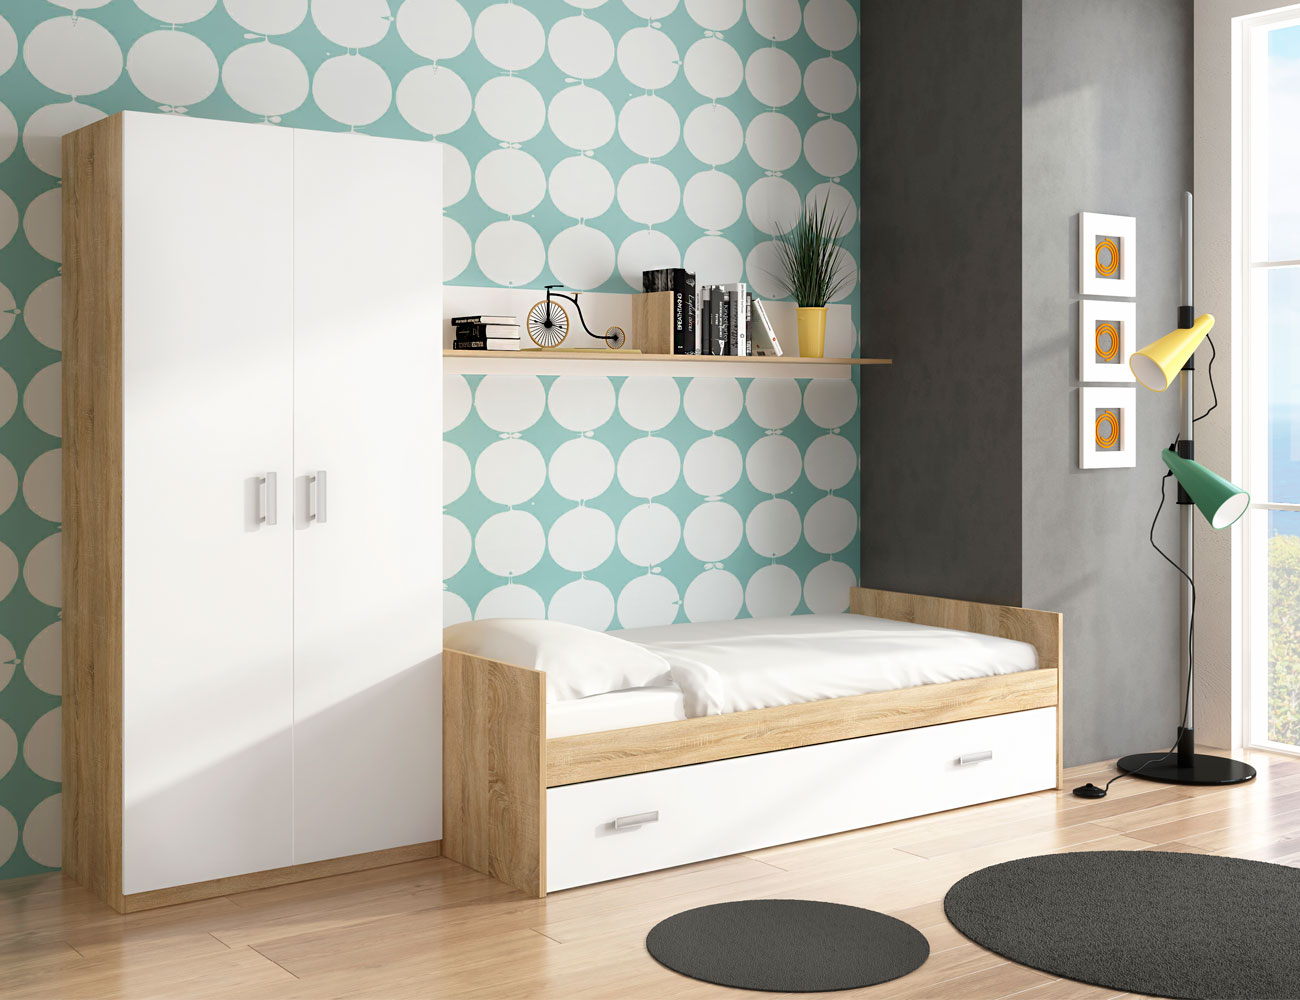 Dormitorio juvenil con cama nido y armario en cambrian con for Cama nido dormitorio juvenil